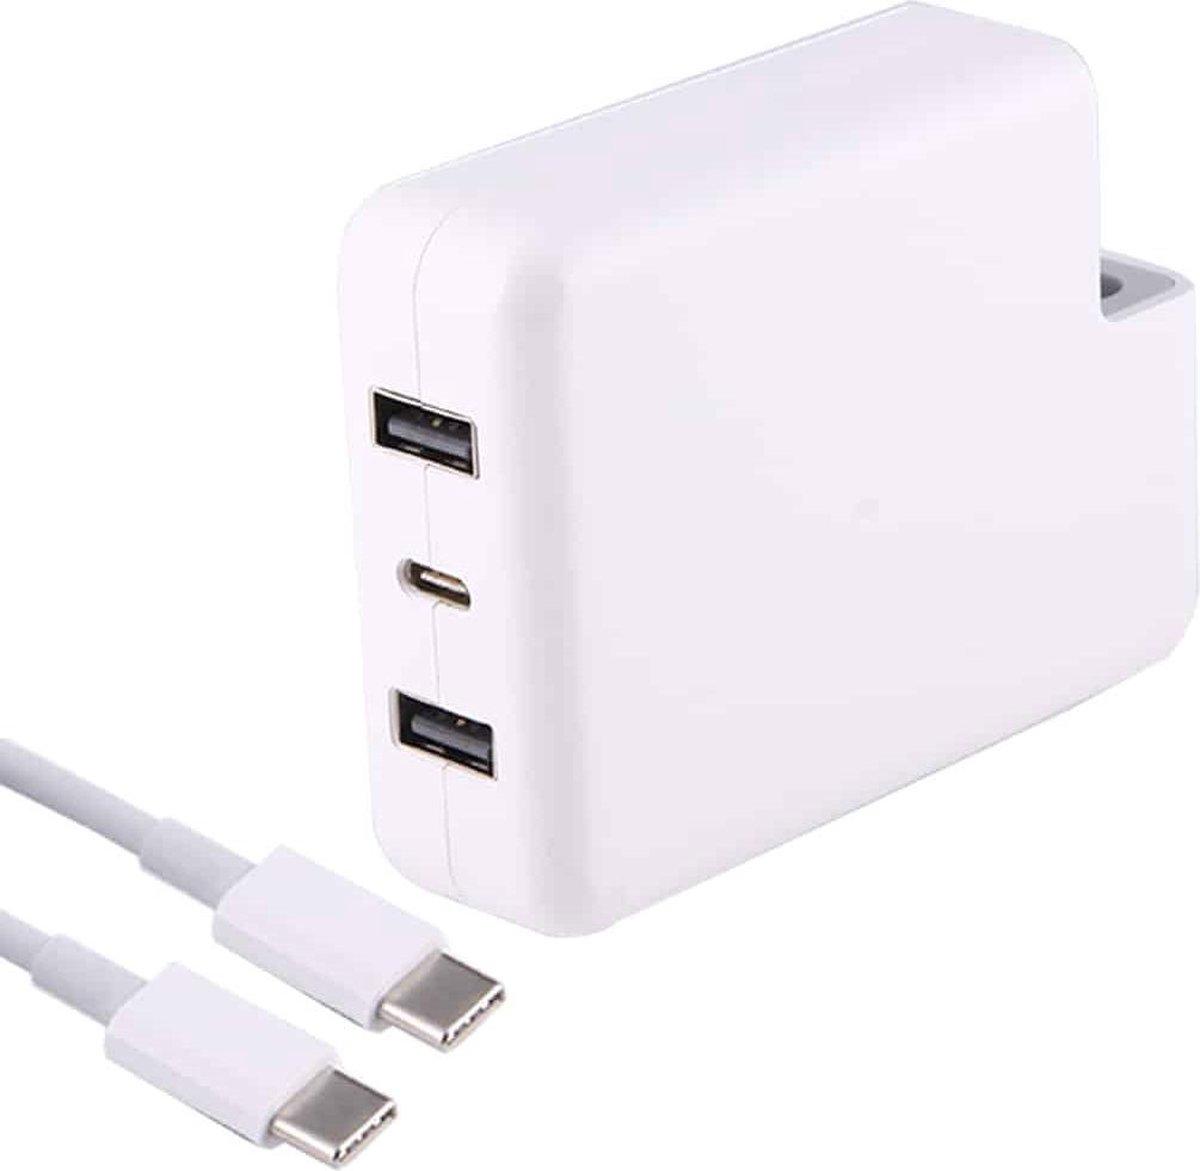 87W / 61W USB-C / Type-C lichtnetadapter Snel opladen met 2m USB-C / Type-C-kabel en automatische identificatie, zonder stekker, voor MacBook, iPhone, Galaxy, Huawei, Xiaomi, LG, HTC en andere slimme telefoons, Oplaadbare apparaten (wit)